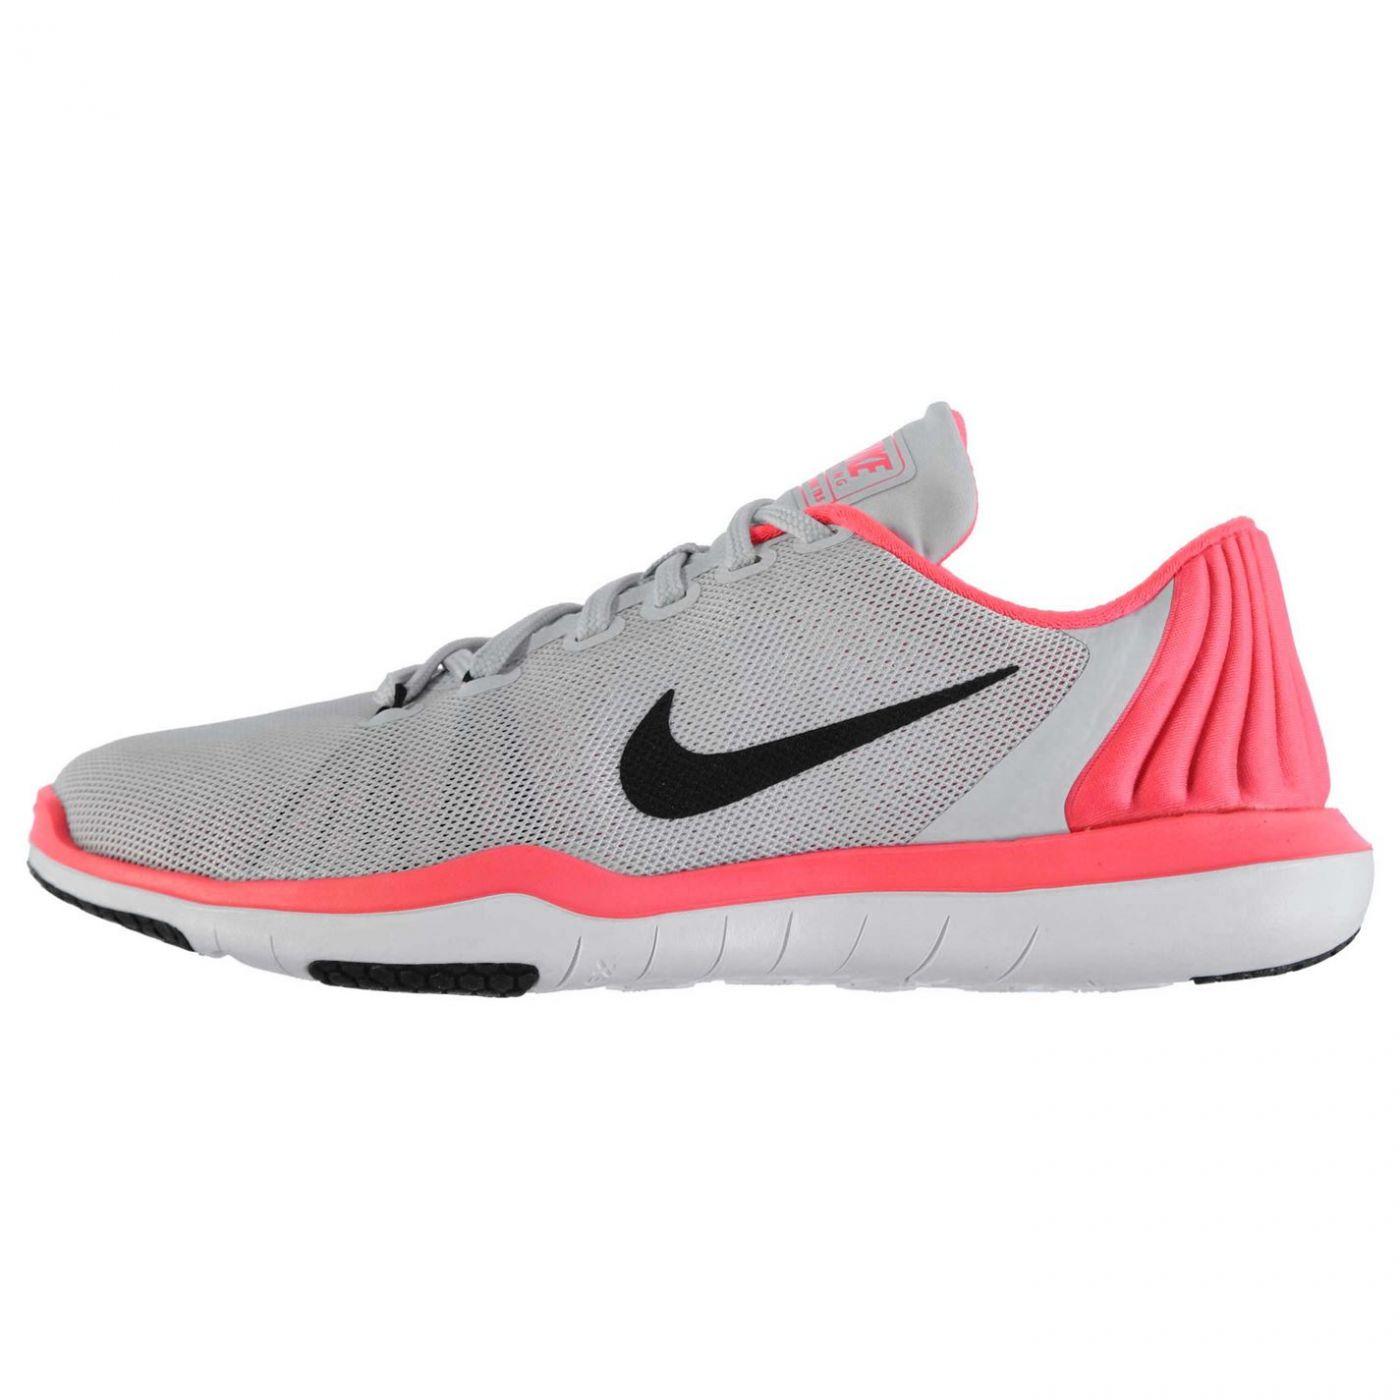 Nike Flex Supreme TR5 Training Shoes Ladies